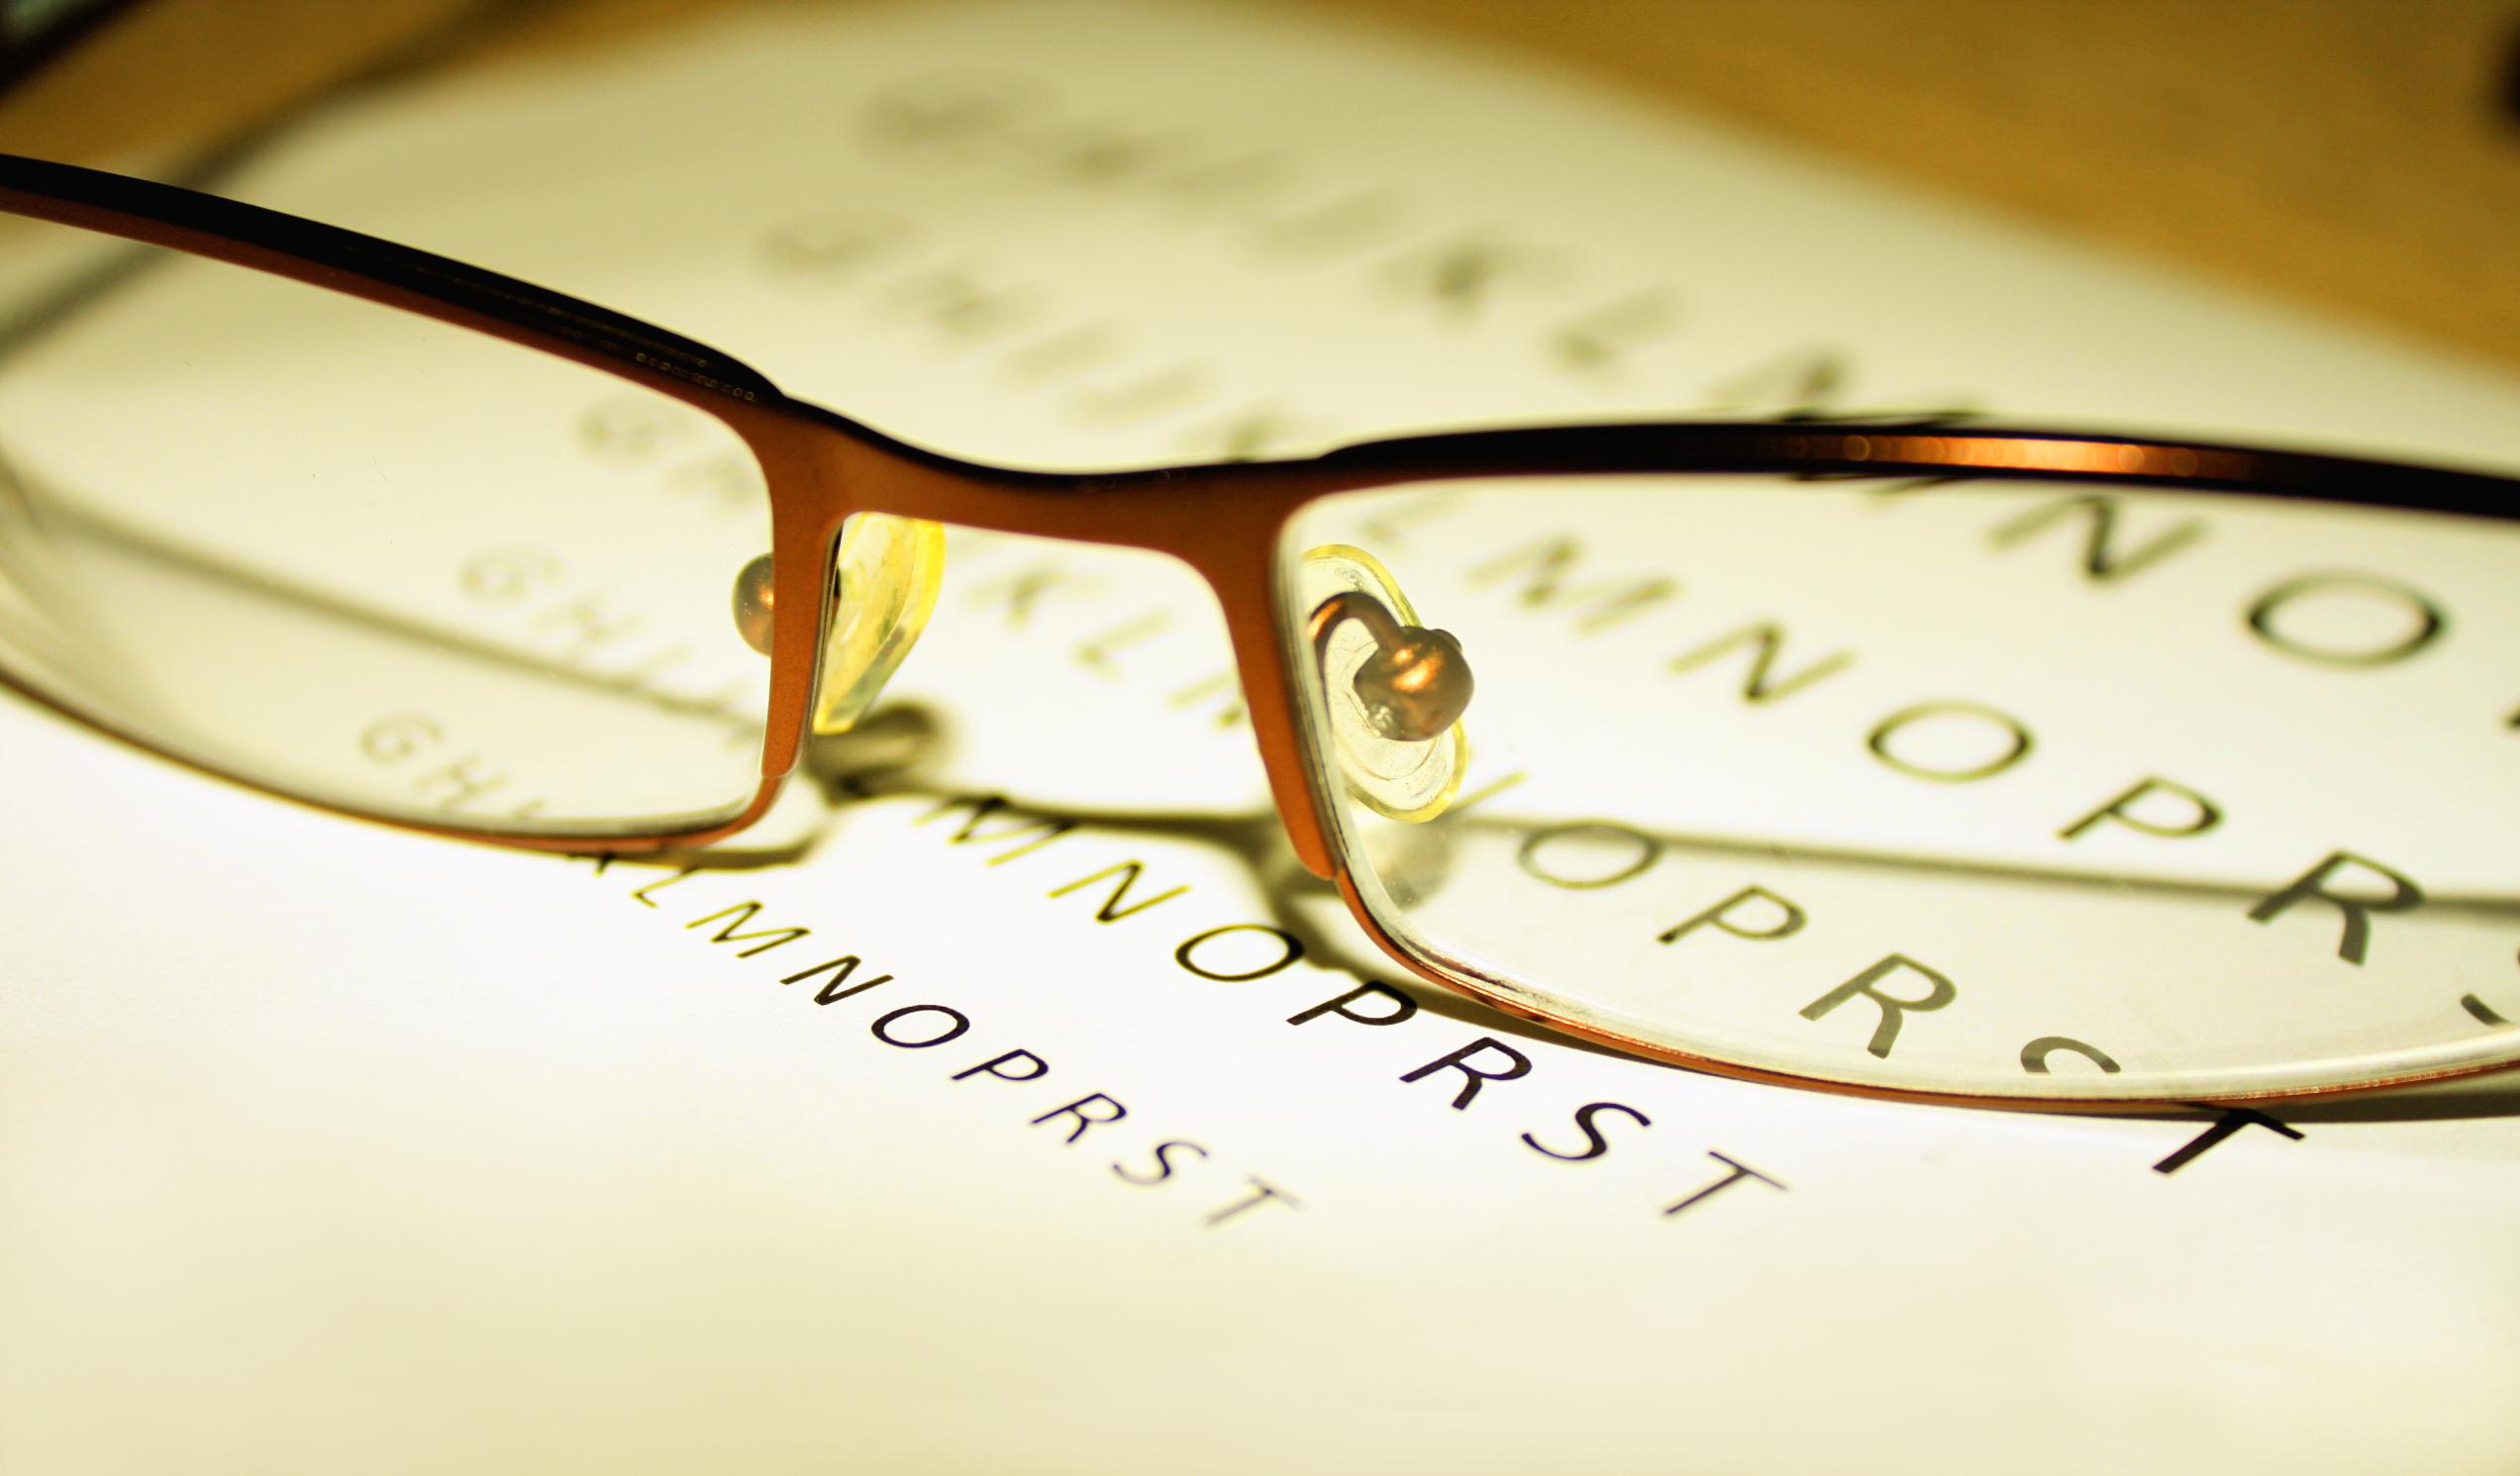 controlul hipermetropiei refacerea vederii cu patch-uri oculare